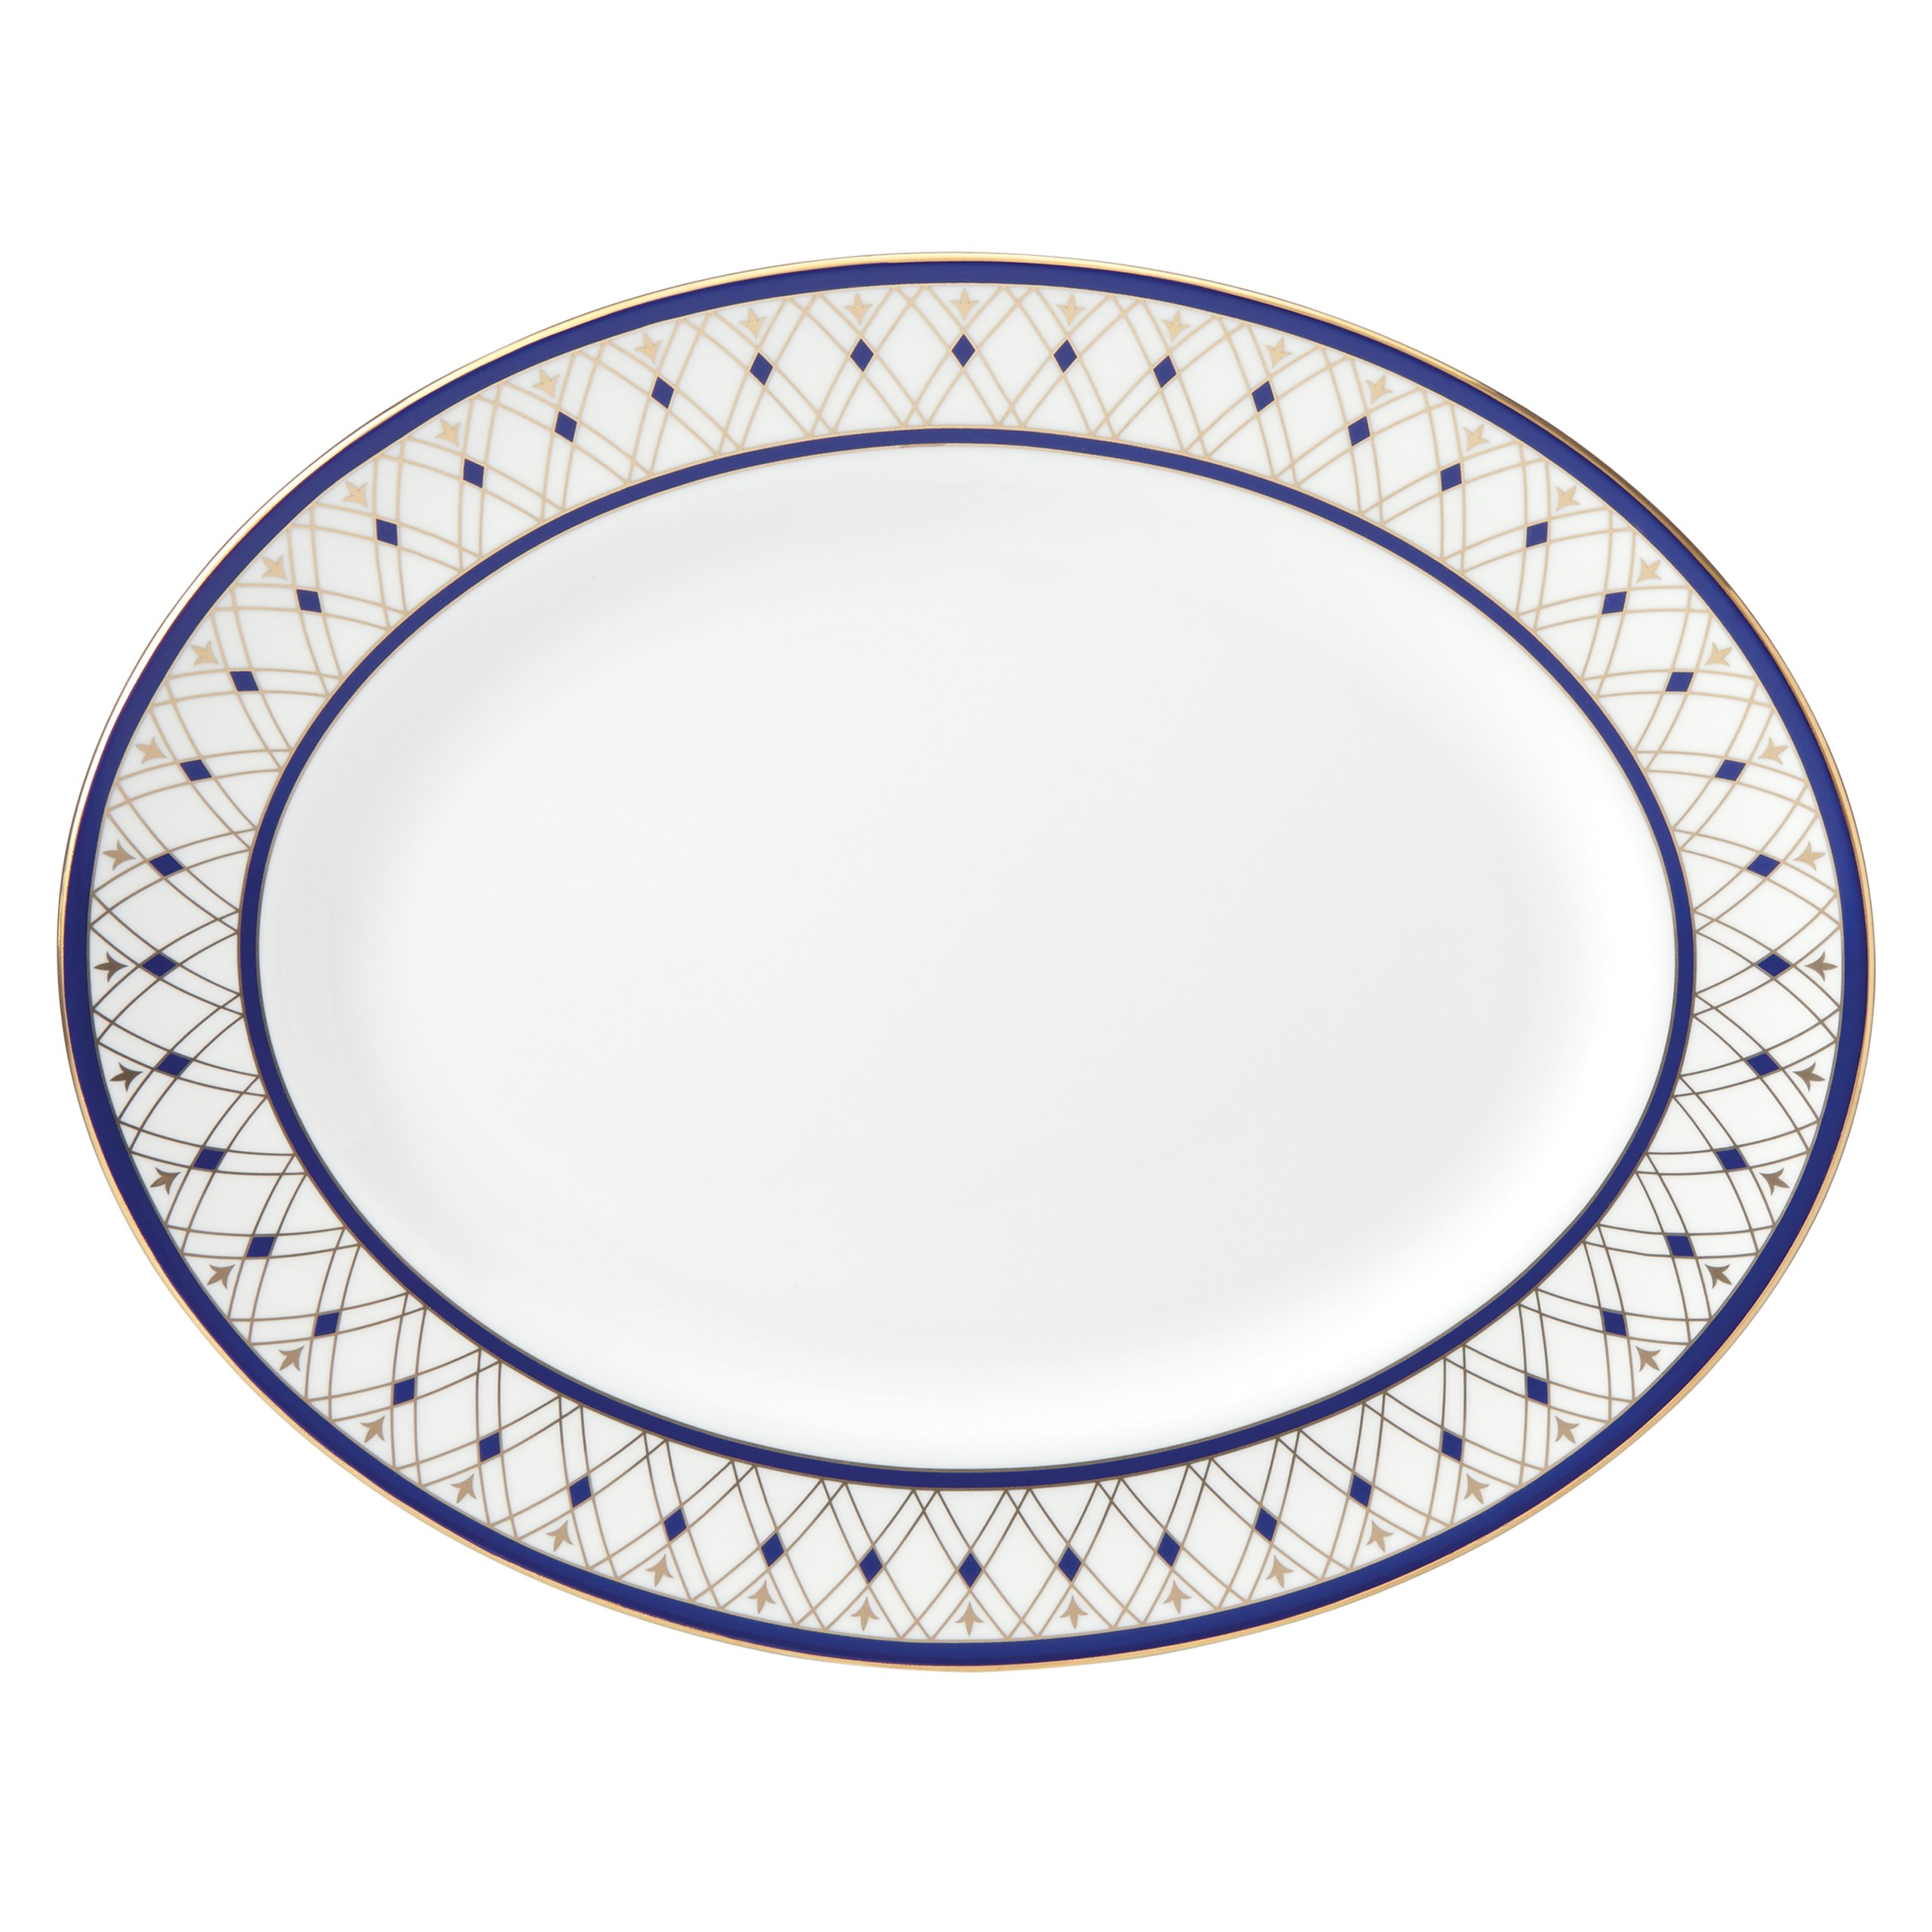 Lenox Royal Grandeur Oval Platter, 13'', White